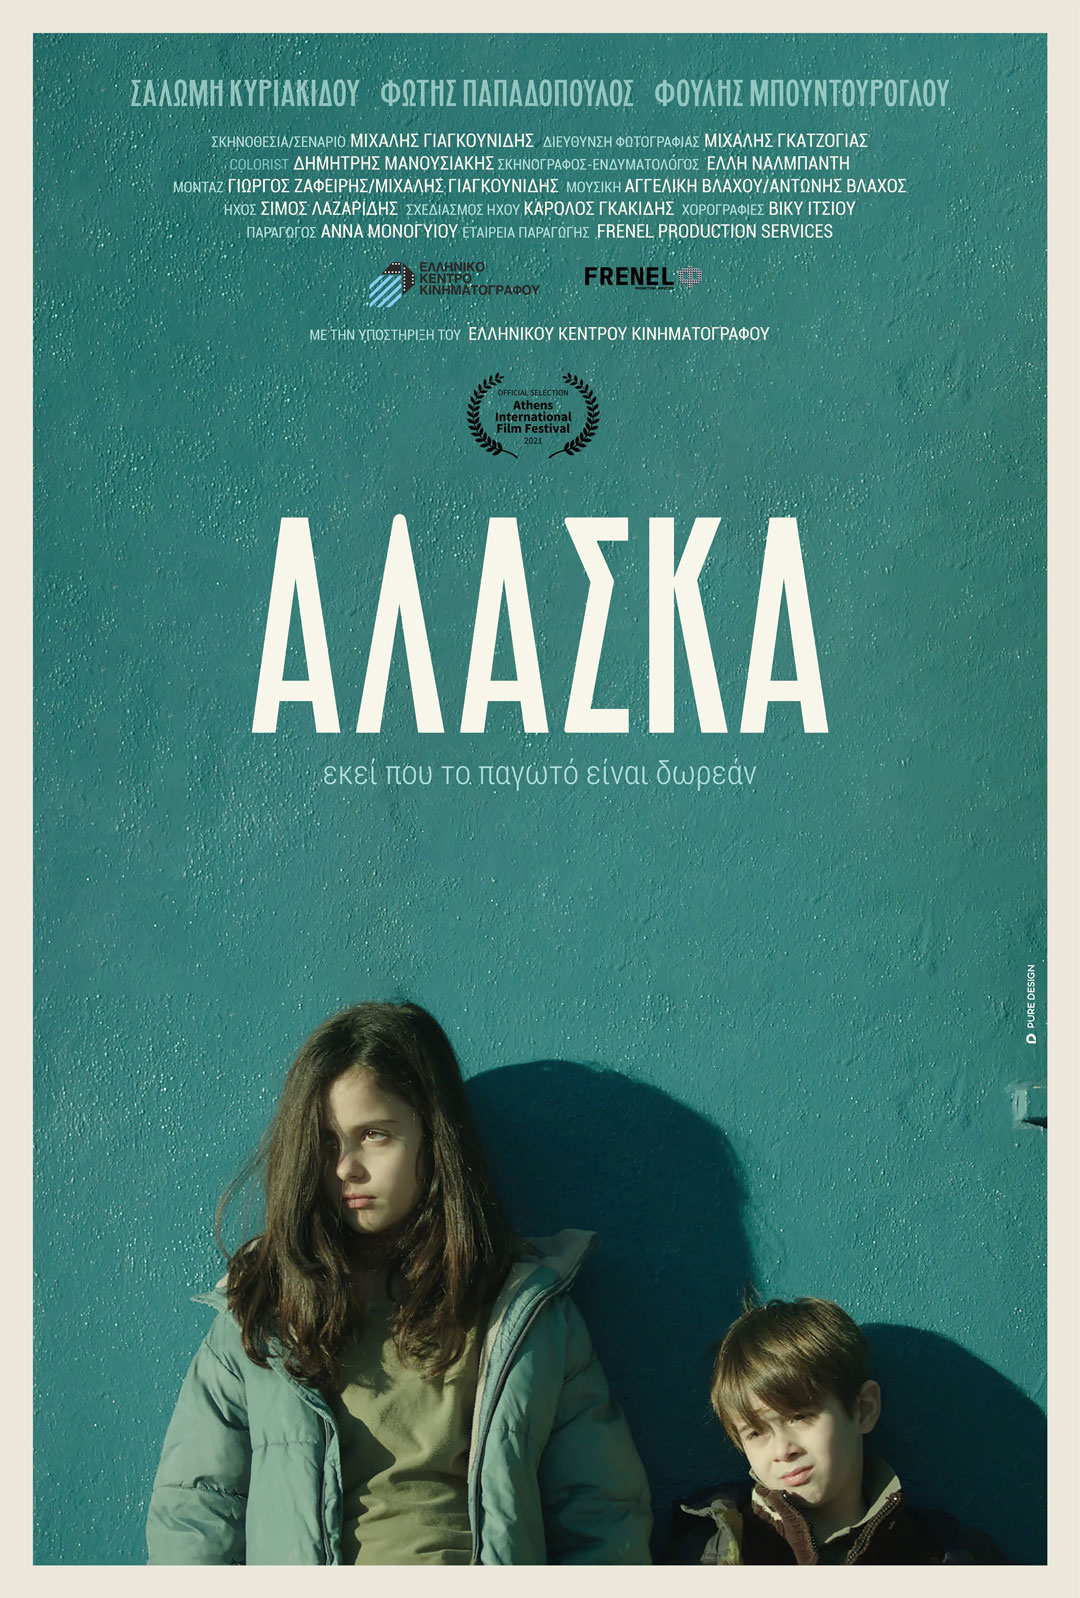 ΑΛΑΣΚΑ ALASKA ΦΡΕΝΕΛ FRENEL Γιαγκουνίδης poster